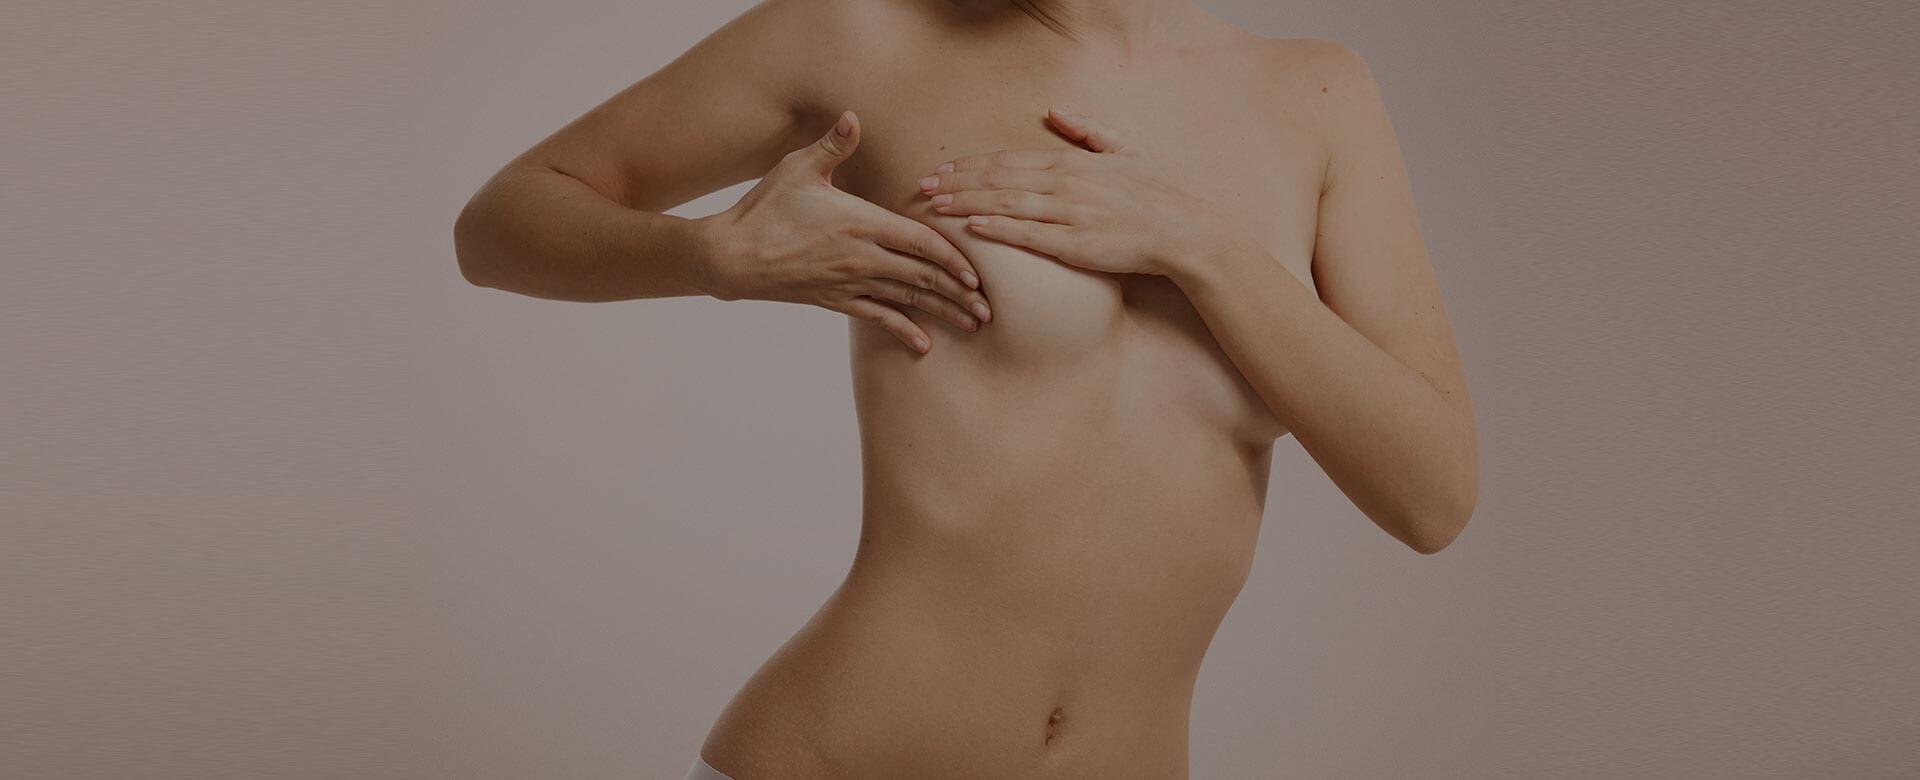 Protesi al seno e tumore: legame confermato. L'alternativa nelle cellule staminali espanse